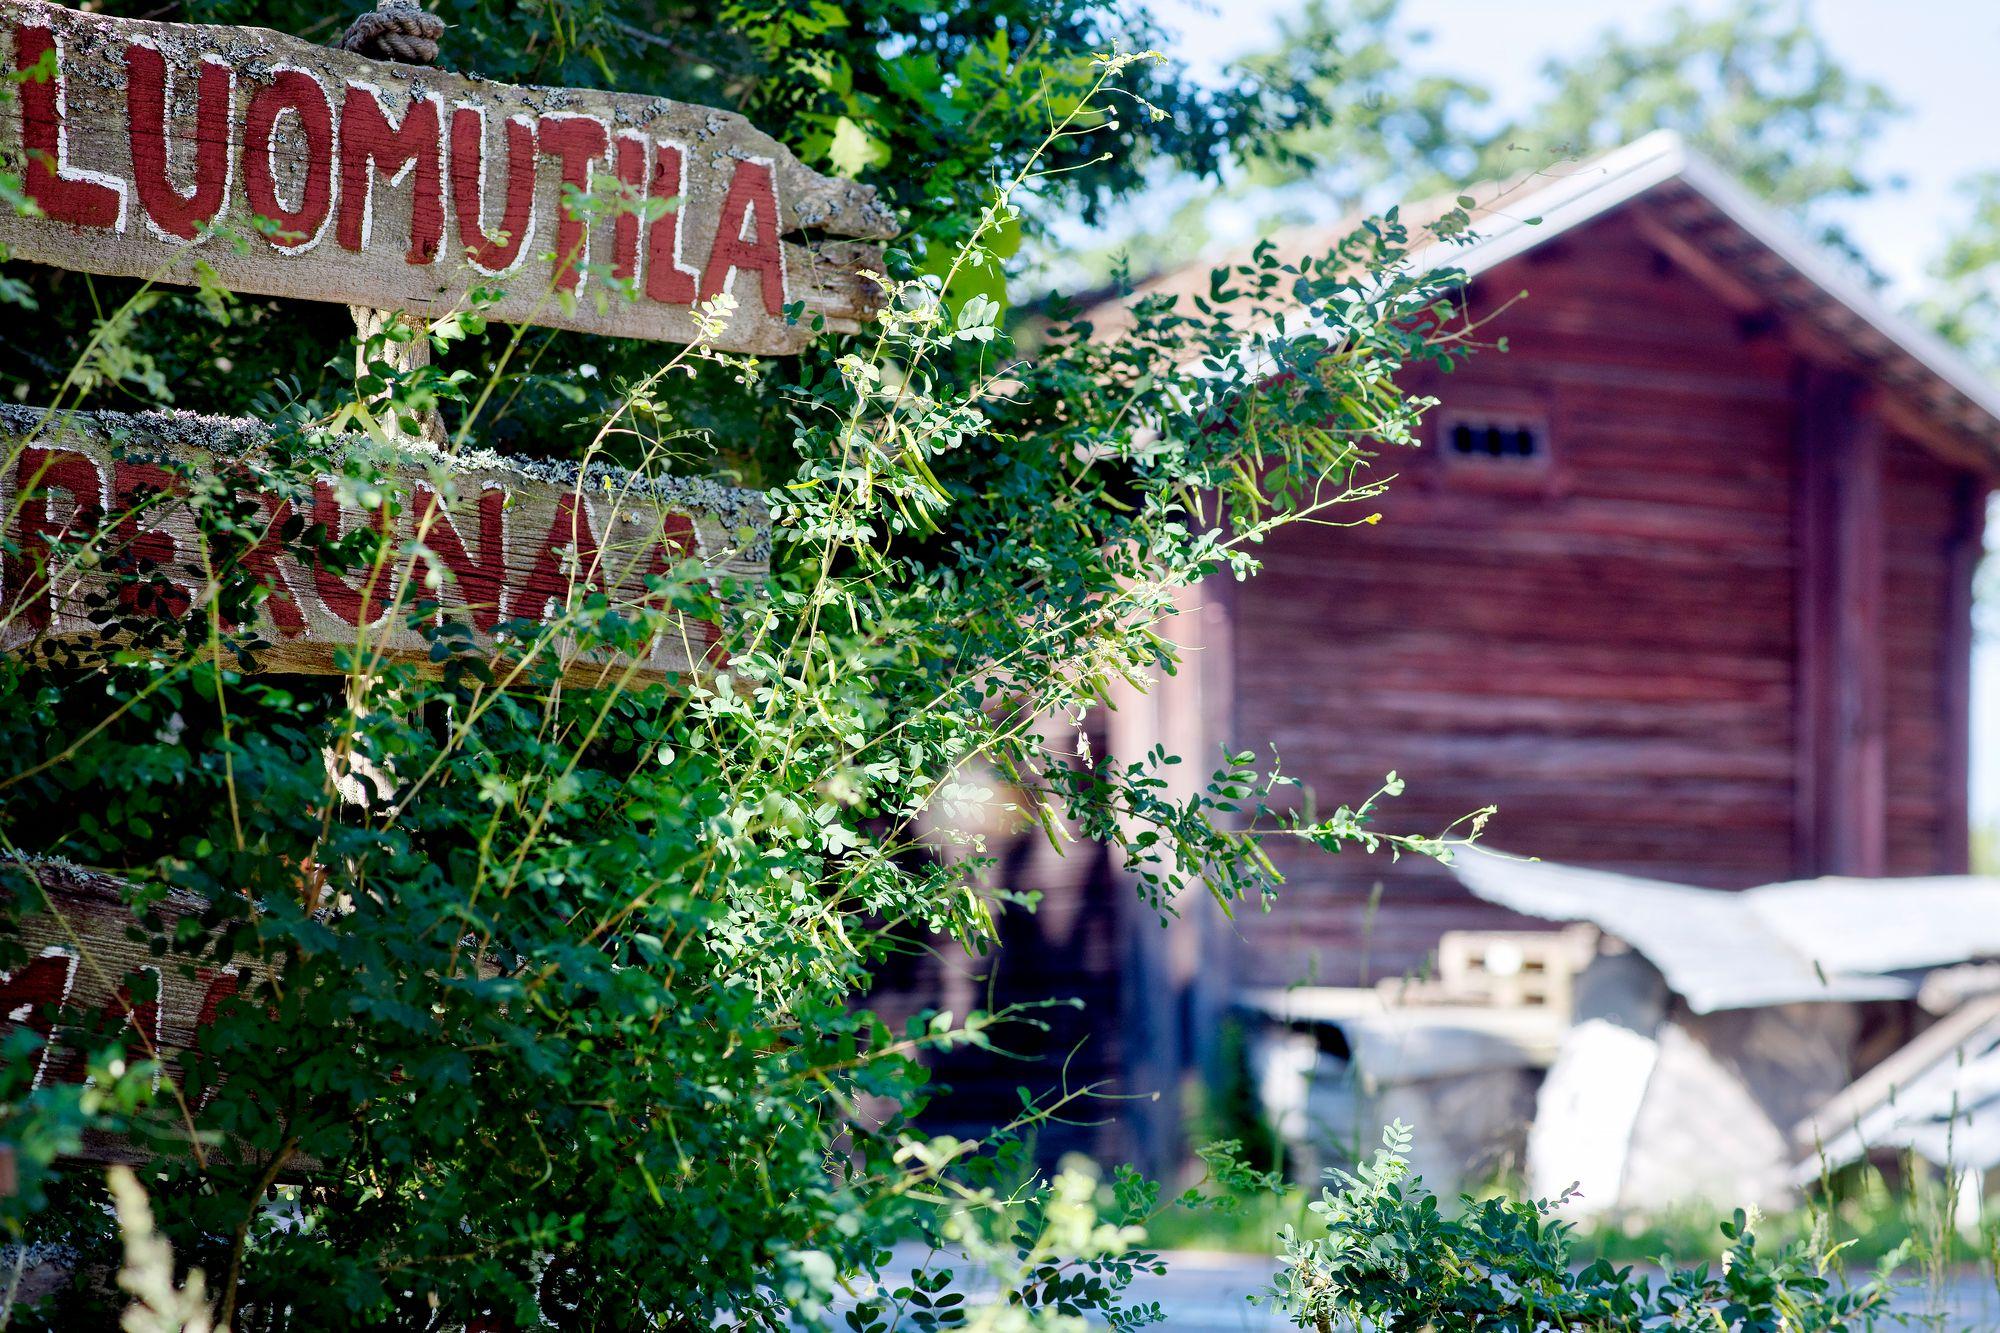 Osuuskuntalaisten toivotaan tekevän vuodessa 16 talkootuntia. Laura hoitaa osuutensa mieluiten Kallion satojaossa. © Sampo Korhonen